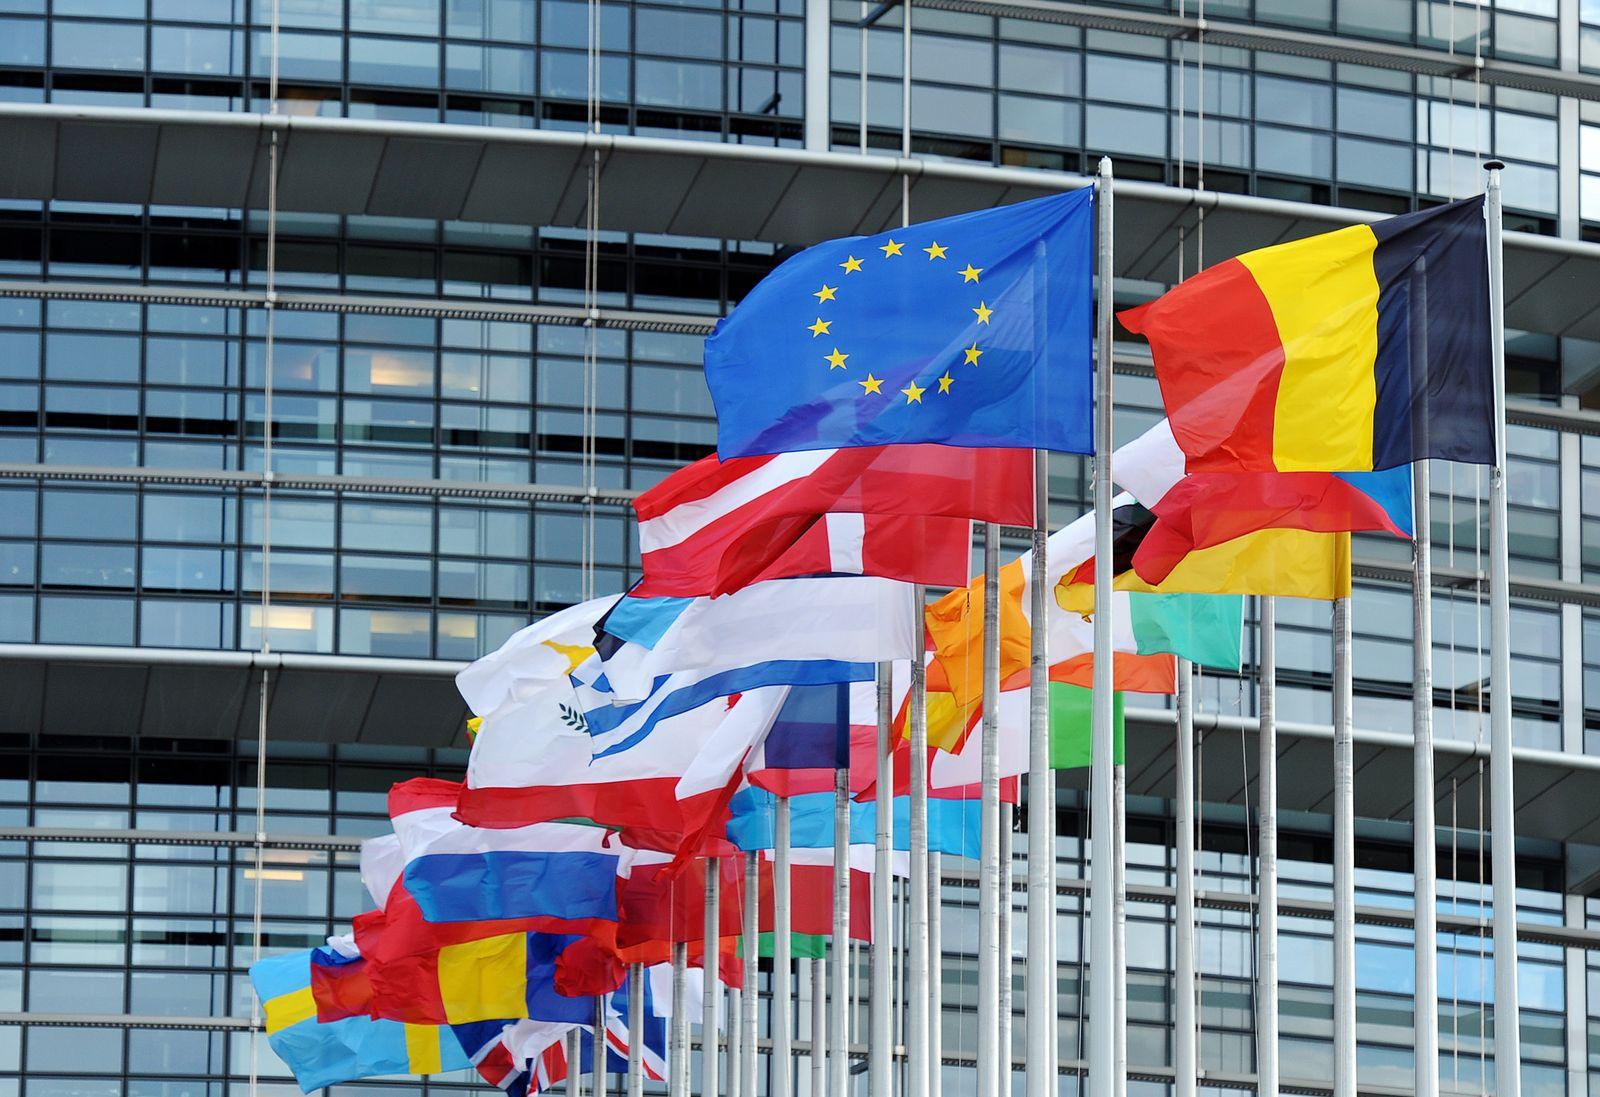 europa fahnen